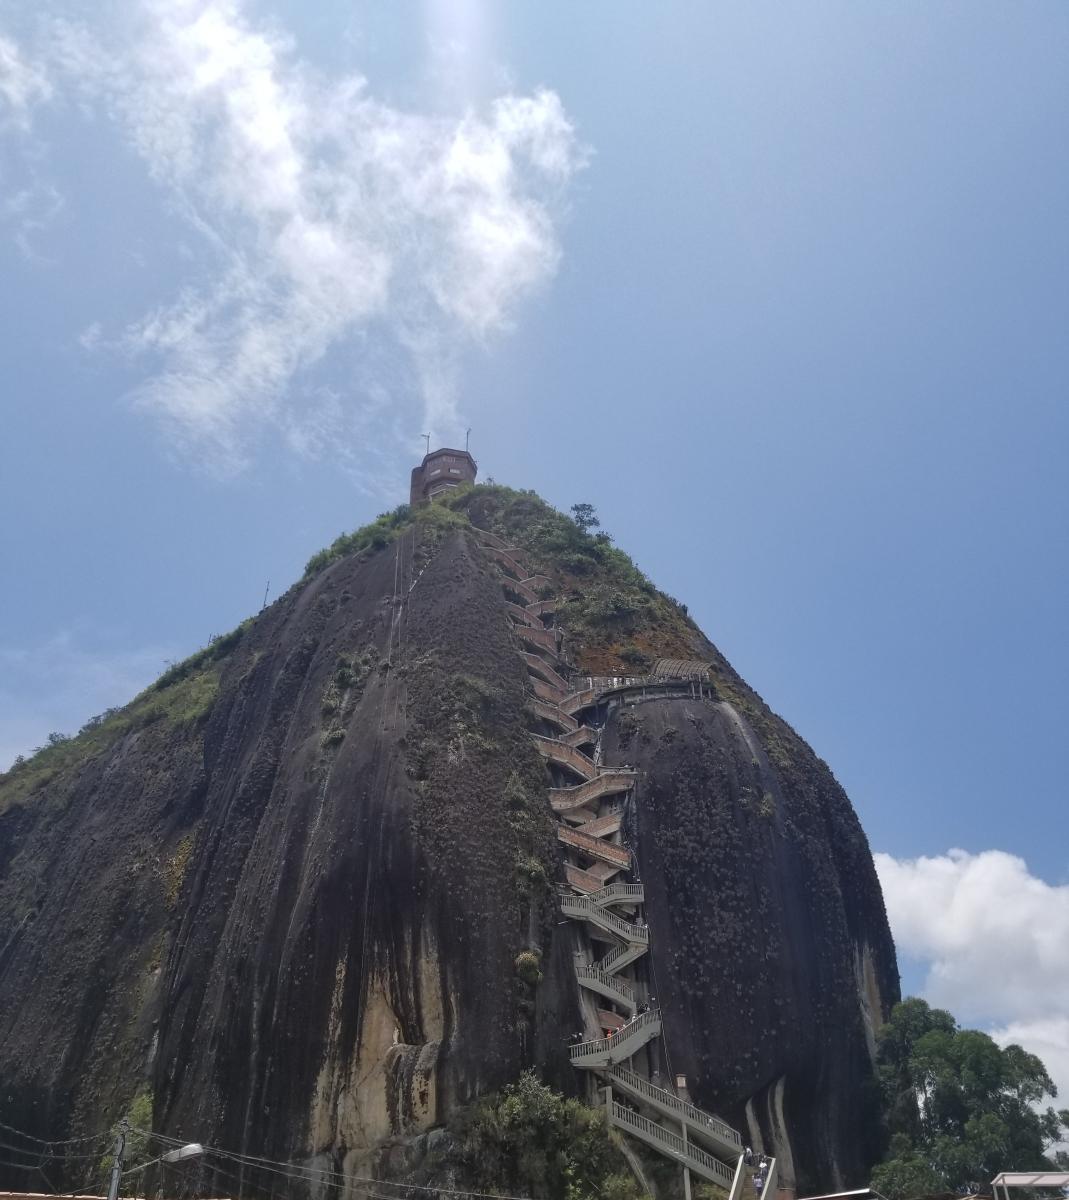 A view of La Piedra, also known as El Penon, in Guatape, Colombia.